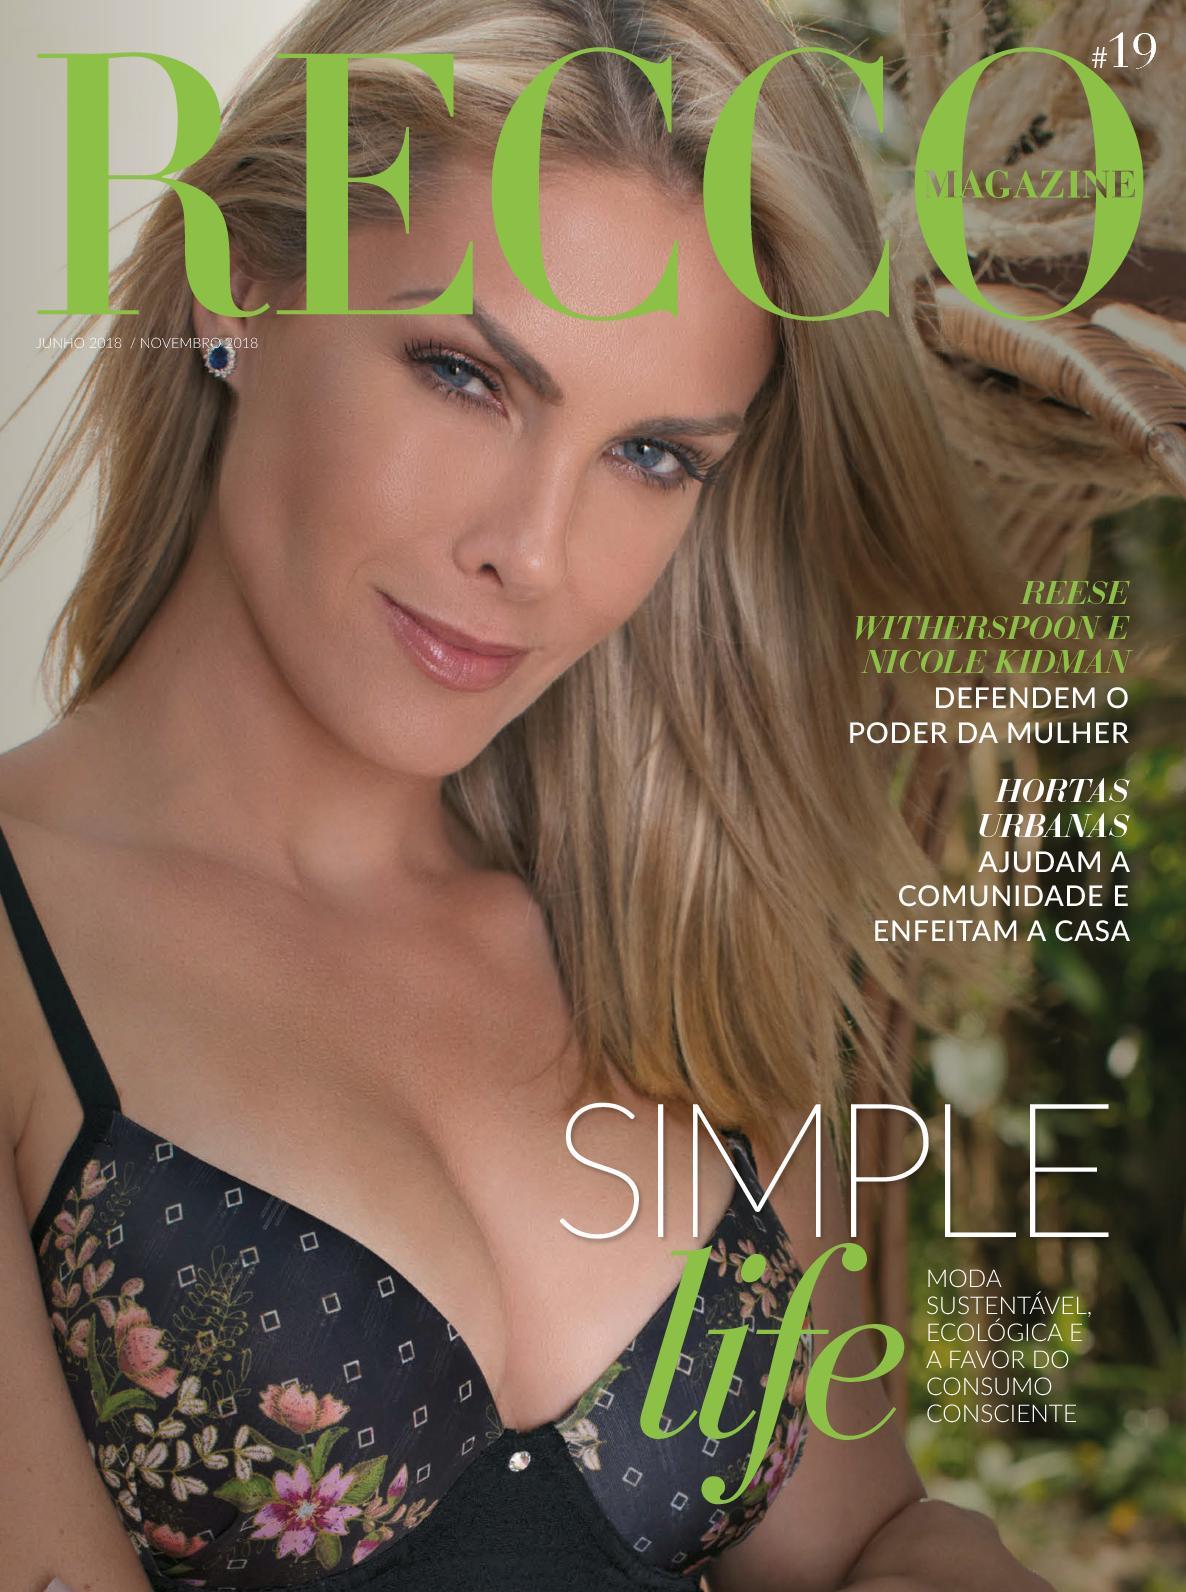 82bba1d96338 Calaméo - Recco Magazine - Edição 19